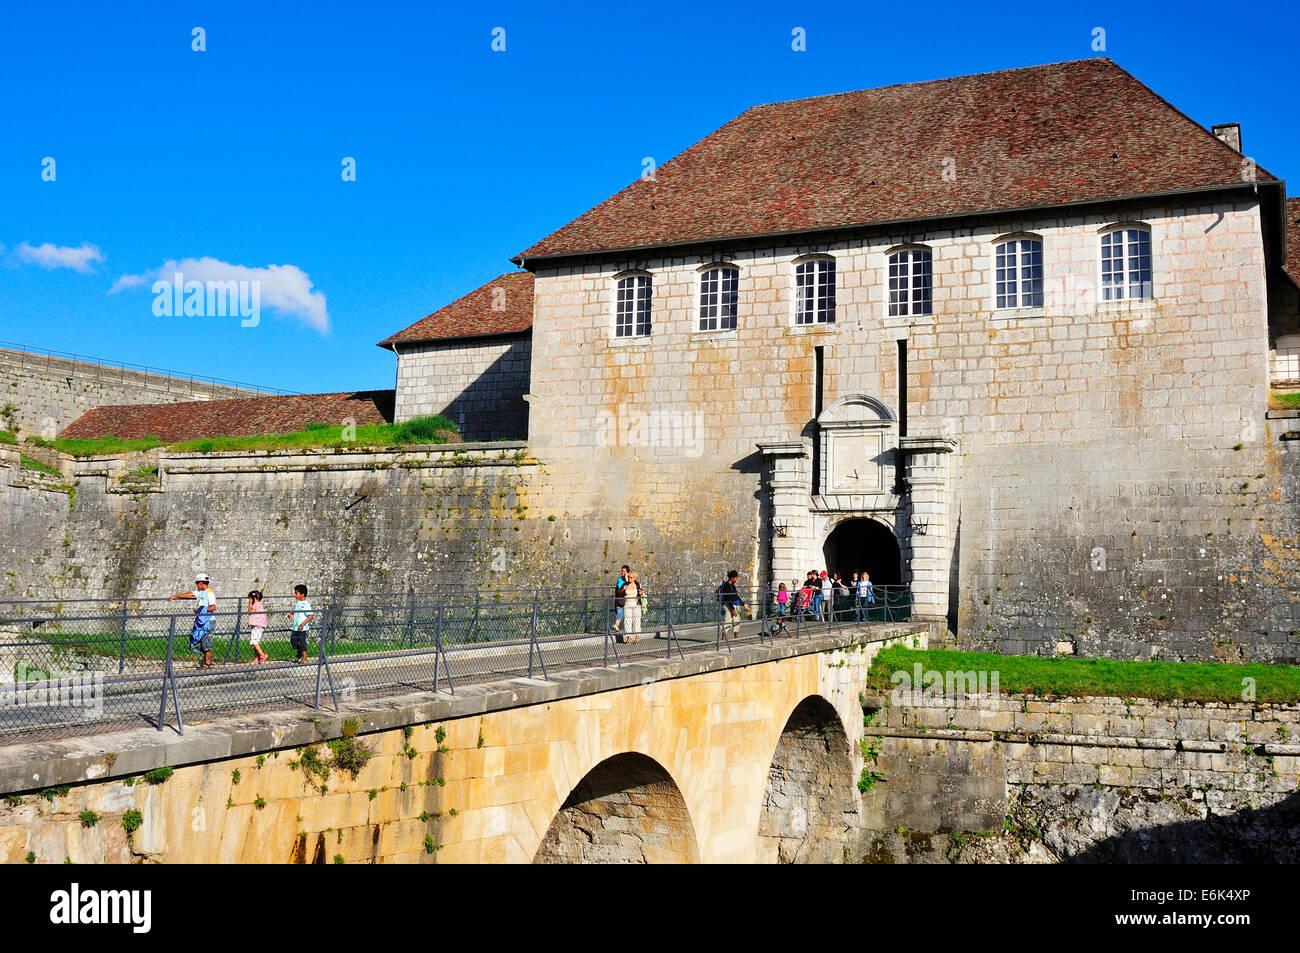 Besançon Citadel, one of the Vauban fortifications, UNESCO World Heritage Site, Besançon, Département - Stock Image